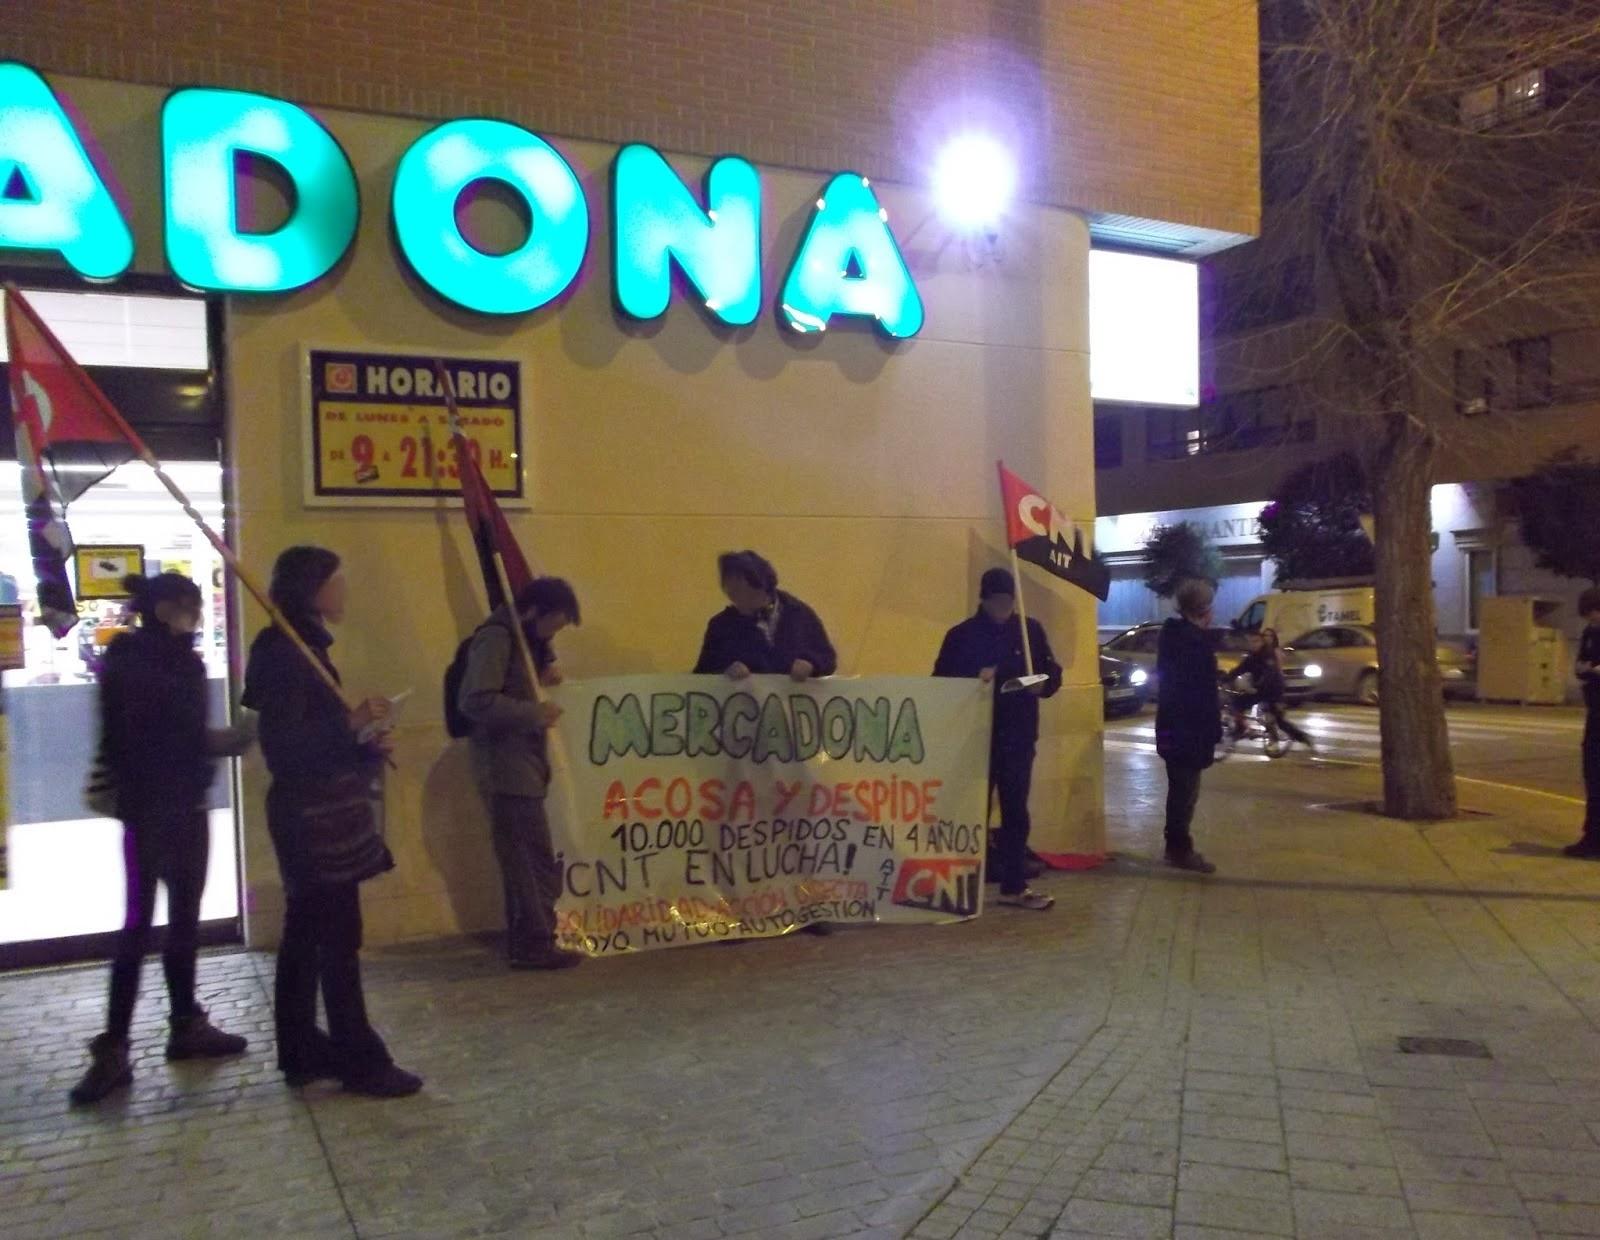 """Semana de lucha de CNT-AIT contra Mercadona en Albacete   Desde el Sindicato de Oficios Varios de Albacete de CNT-AIT, hemos salido a la calle durante esta semana a solidarizarnos con las compañeras y los compañeros despedidos por Mercadona, y sobre todo con los compañeros y compañeras que pertenecían a la CNT-AIT. Ya que han sido los trabajadores afiliados a la CNT-AIT los más perseguidos por Mercadona, ya que CCOO y UGT hasta la fecha no han hecho nada más que presentarse como cómplices de su política laboral.   La Semana de Lucha contra Mercadona del 17 al 23 de febrero que ha convocado el sindicato CNT-AIT Valencia y CNT-AIT la Vall d' Albaida, ha dejado tiempo para cartelería en denuncia del acoso y de la política de despidos que ha realizado contra los trabajadores y trabajadoras. El pasado día 20 de febrero, nuestro Sindicato realizó una concentración en un establecimiento de Mercadona para informar de la jornada de lucha, denunciando el ERE encubierto y el deterioro de las condiciones de trabajo de sus trabajadores y trabajadoras.  Varios compañeros entraron en el establecimiento repartiendo octavillas, para que tuvieran conocimiento de lo que a fuera se iba a realizar, explicando los motivos de aquella acción. Y en la calle nos concentramos unas cuantas personas donde desplegamos una pancarta y repartiendo un panfleto e informando lo que estaba sucediendo a la gente que pasaba por allí. Nada más salir los compañeros, que se encontraban informando a los trabajadores y trabajadoras de Mercadona, se encontraron con que ya había llegado la policía, por lo que comenzamos a informar y denunciar mucho más insistentemente a Mercadona, para impedir que la noticia no fuesemos nosotros sino las prácticas de acoso y despido de Mercadona. La gente, en su mayoría, se mostró solidaria con el conflicto e indignándose de lo que está sucediendo. Durante una hora nos concentramos en la puerta denunciando y gritando: """"Mercadona, acosa y despide"""", """"Unión, Acción y Autogestión"""","""